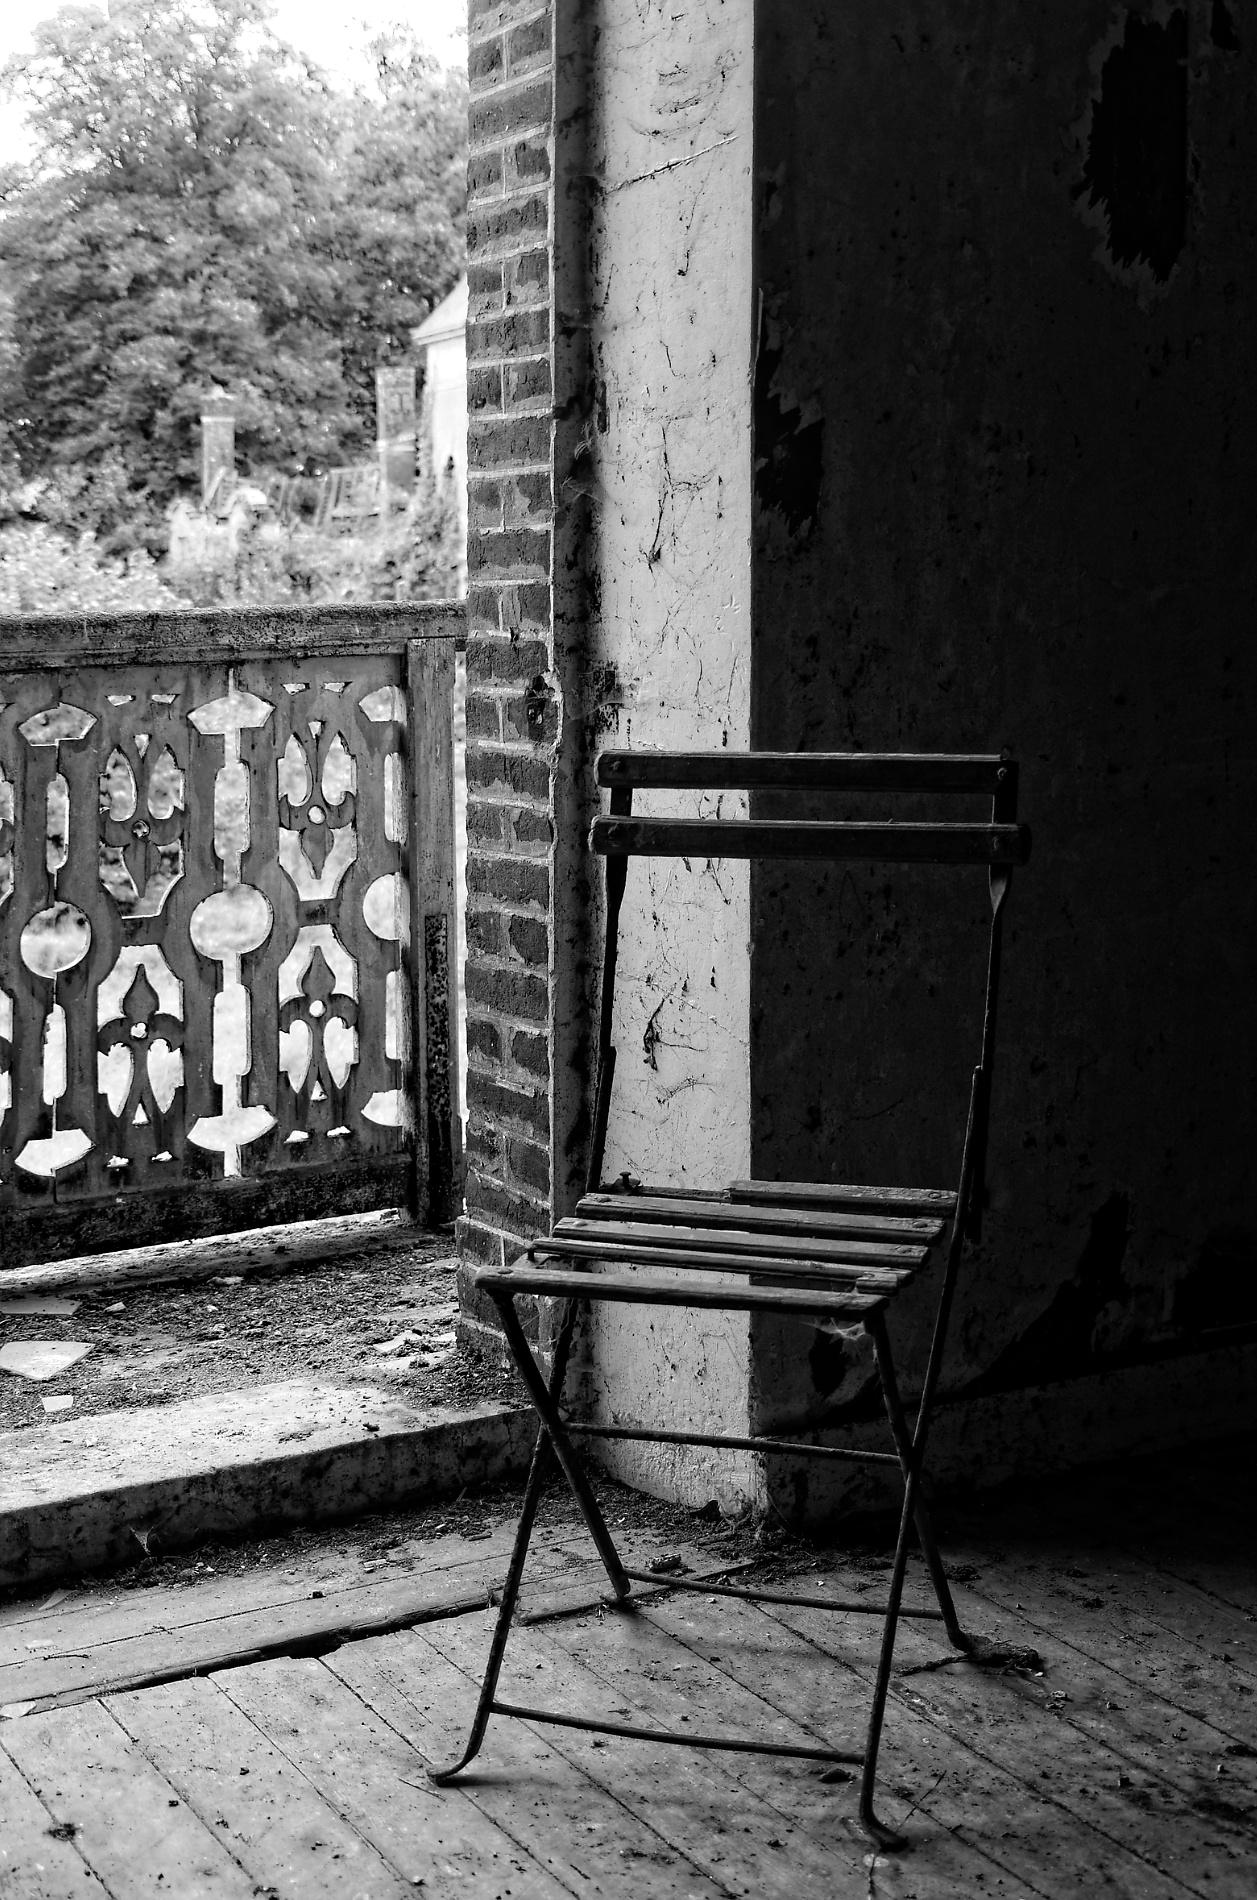 château des singes, urbex, exploration urabaine, dépendances du château des singes, noir et blanc, chaise de jardin, balustrade